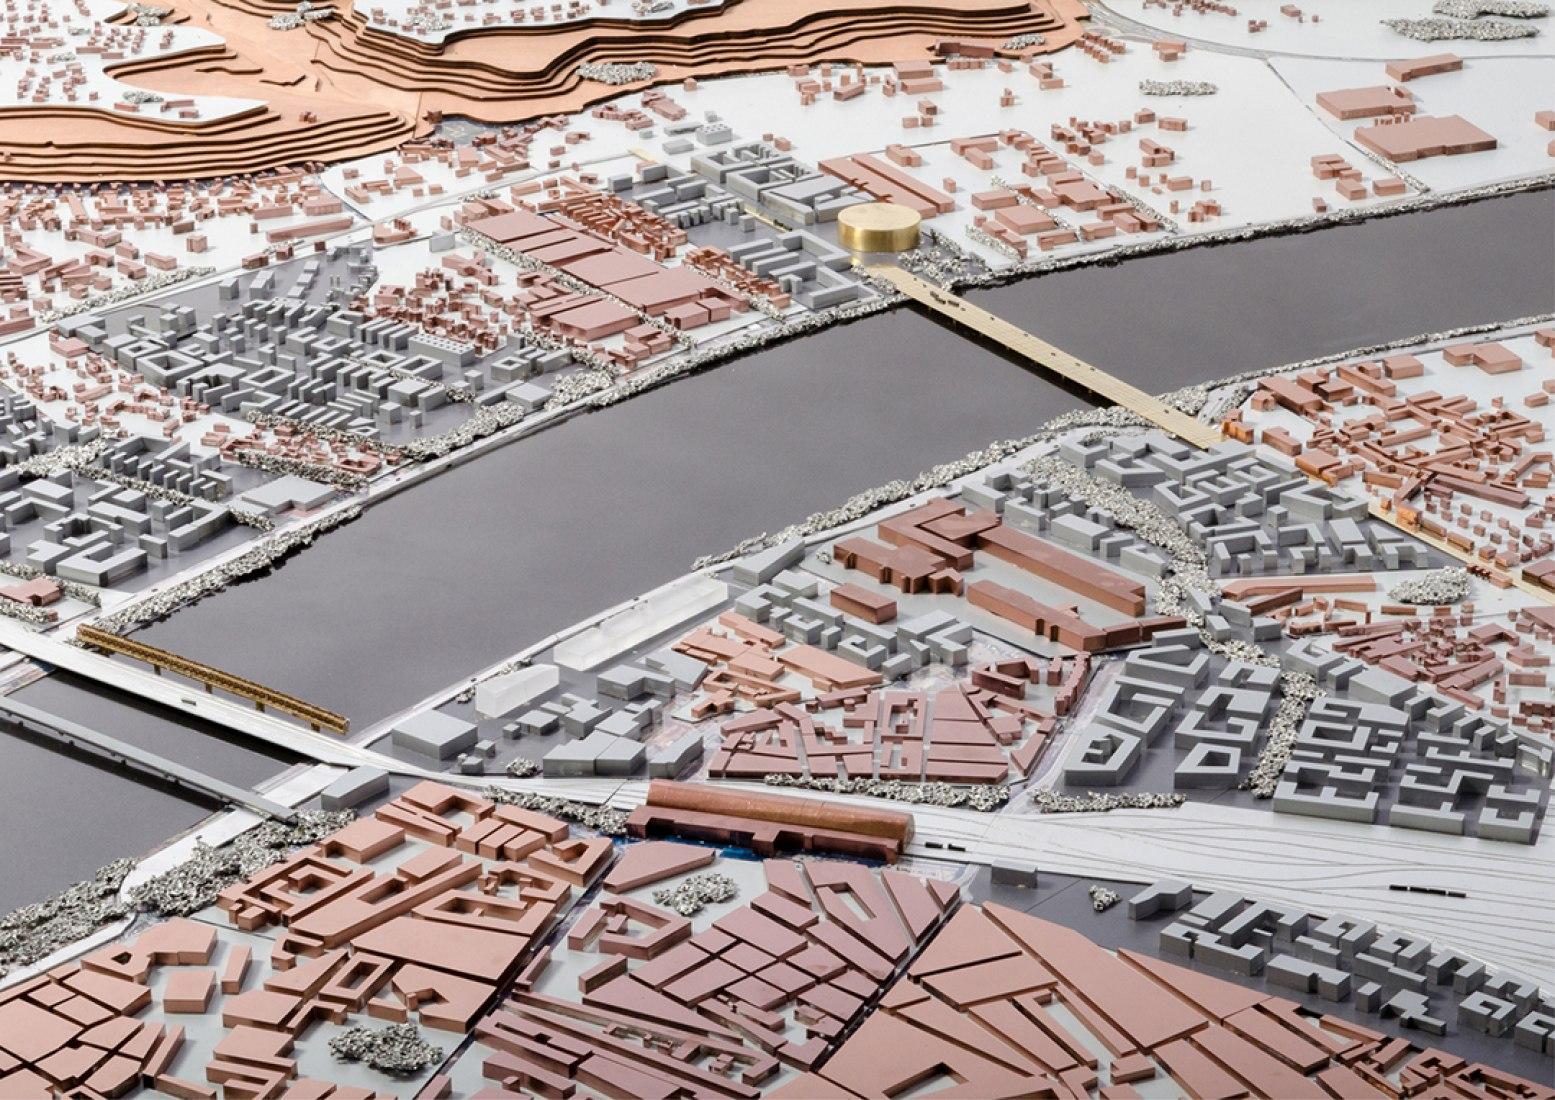 Maqueta del puente en el contesto urbano de Burdeos. Pont Jean-Jacques Bosc. Imagen © cortesía de OMA.